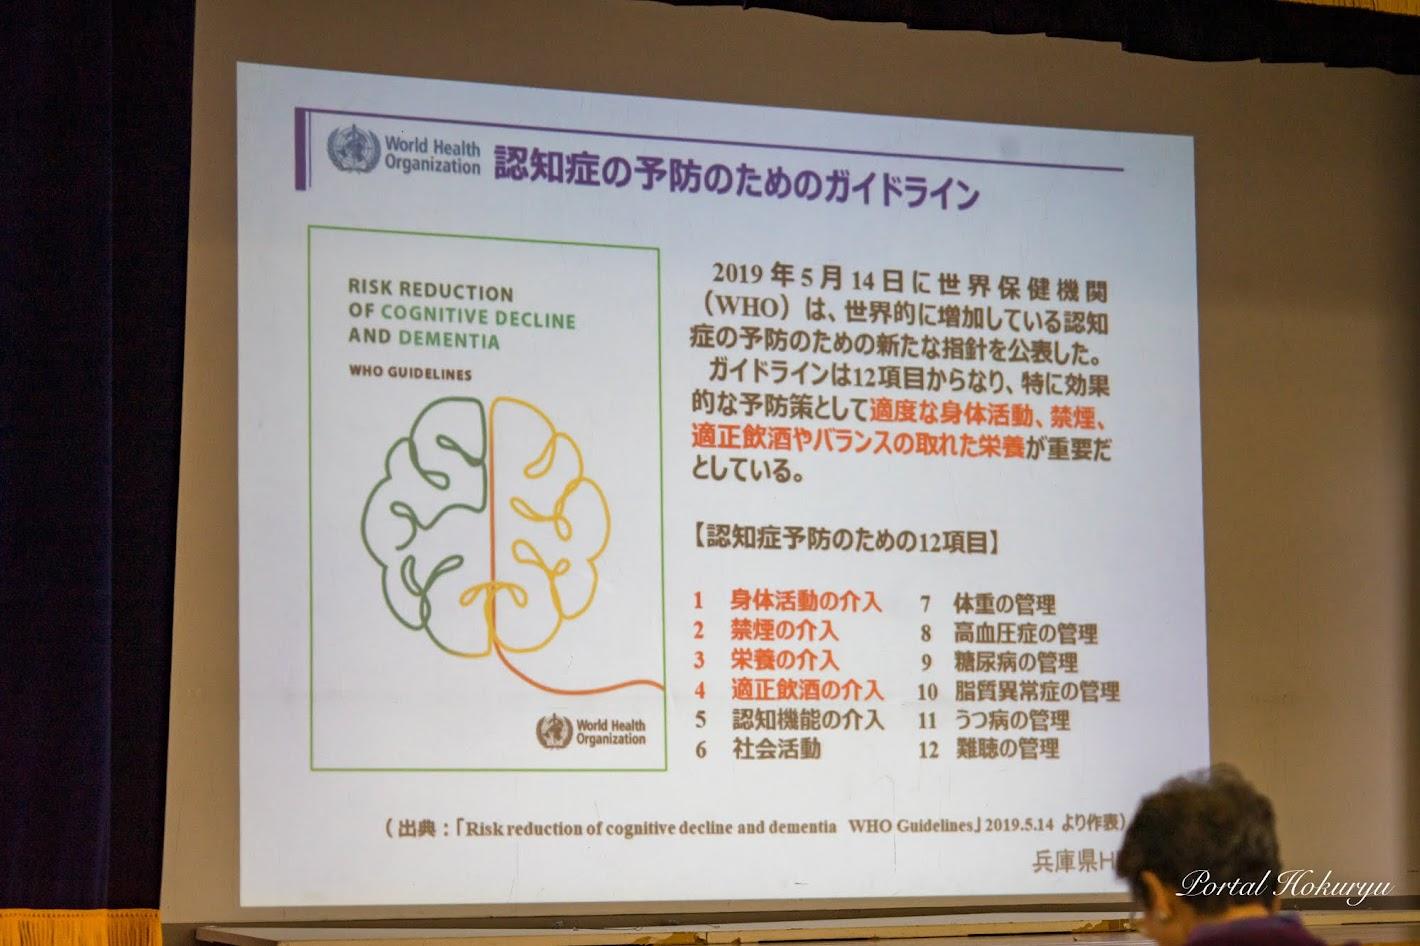 認知症の予防のためのガイドライン